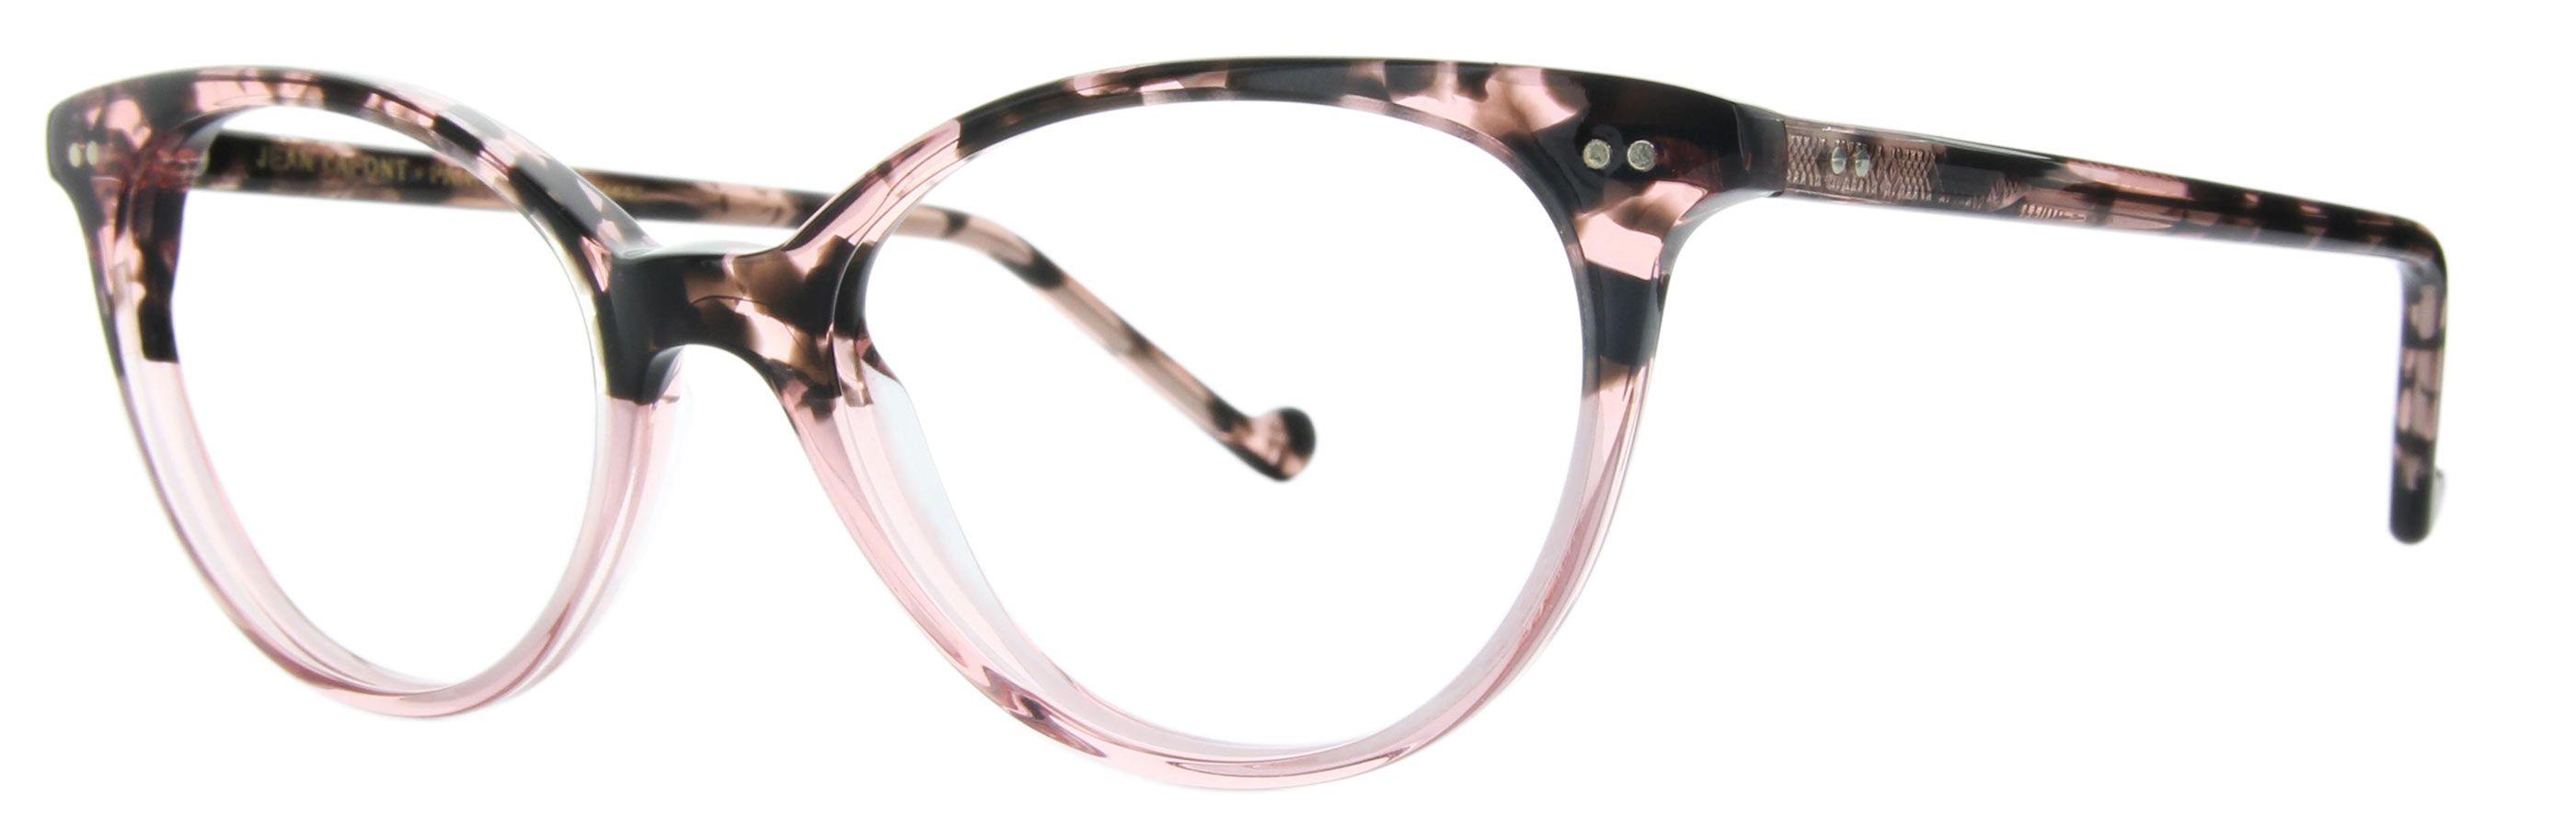 Jean lafont eyeglasses frames - Lafont Paris Optical Eyewear Frame Madame 743